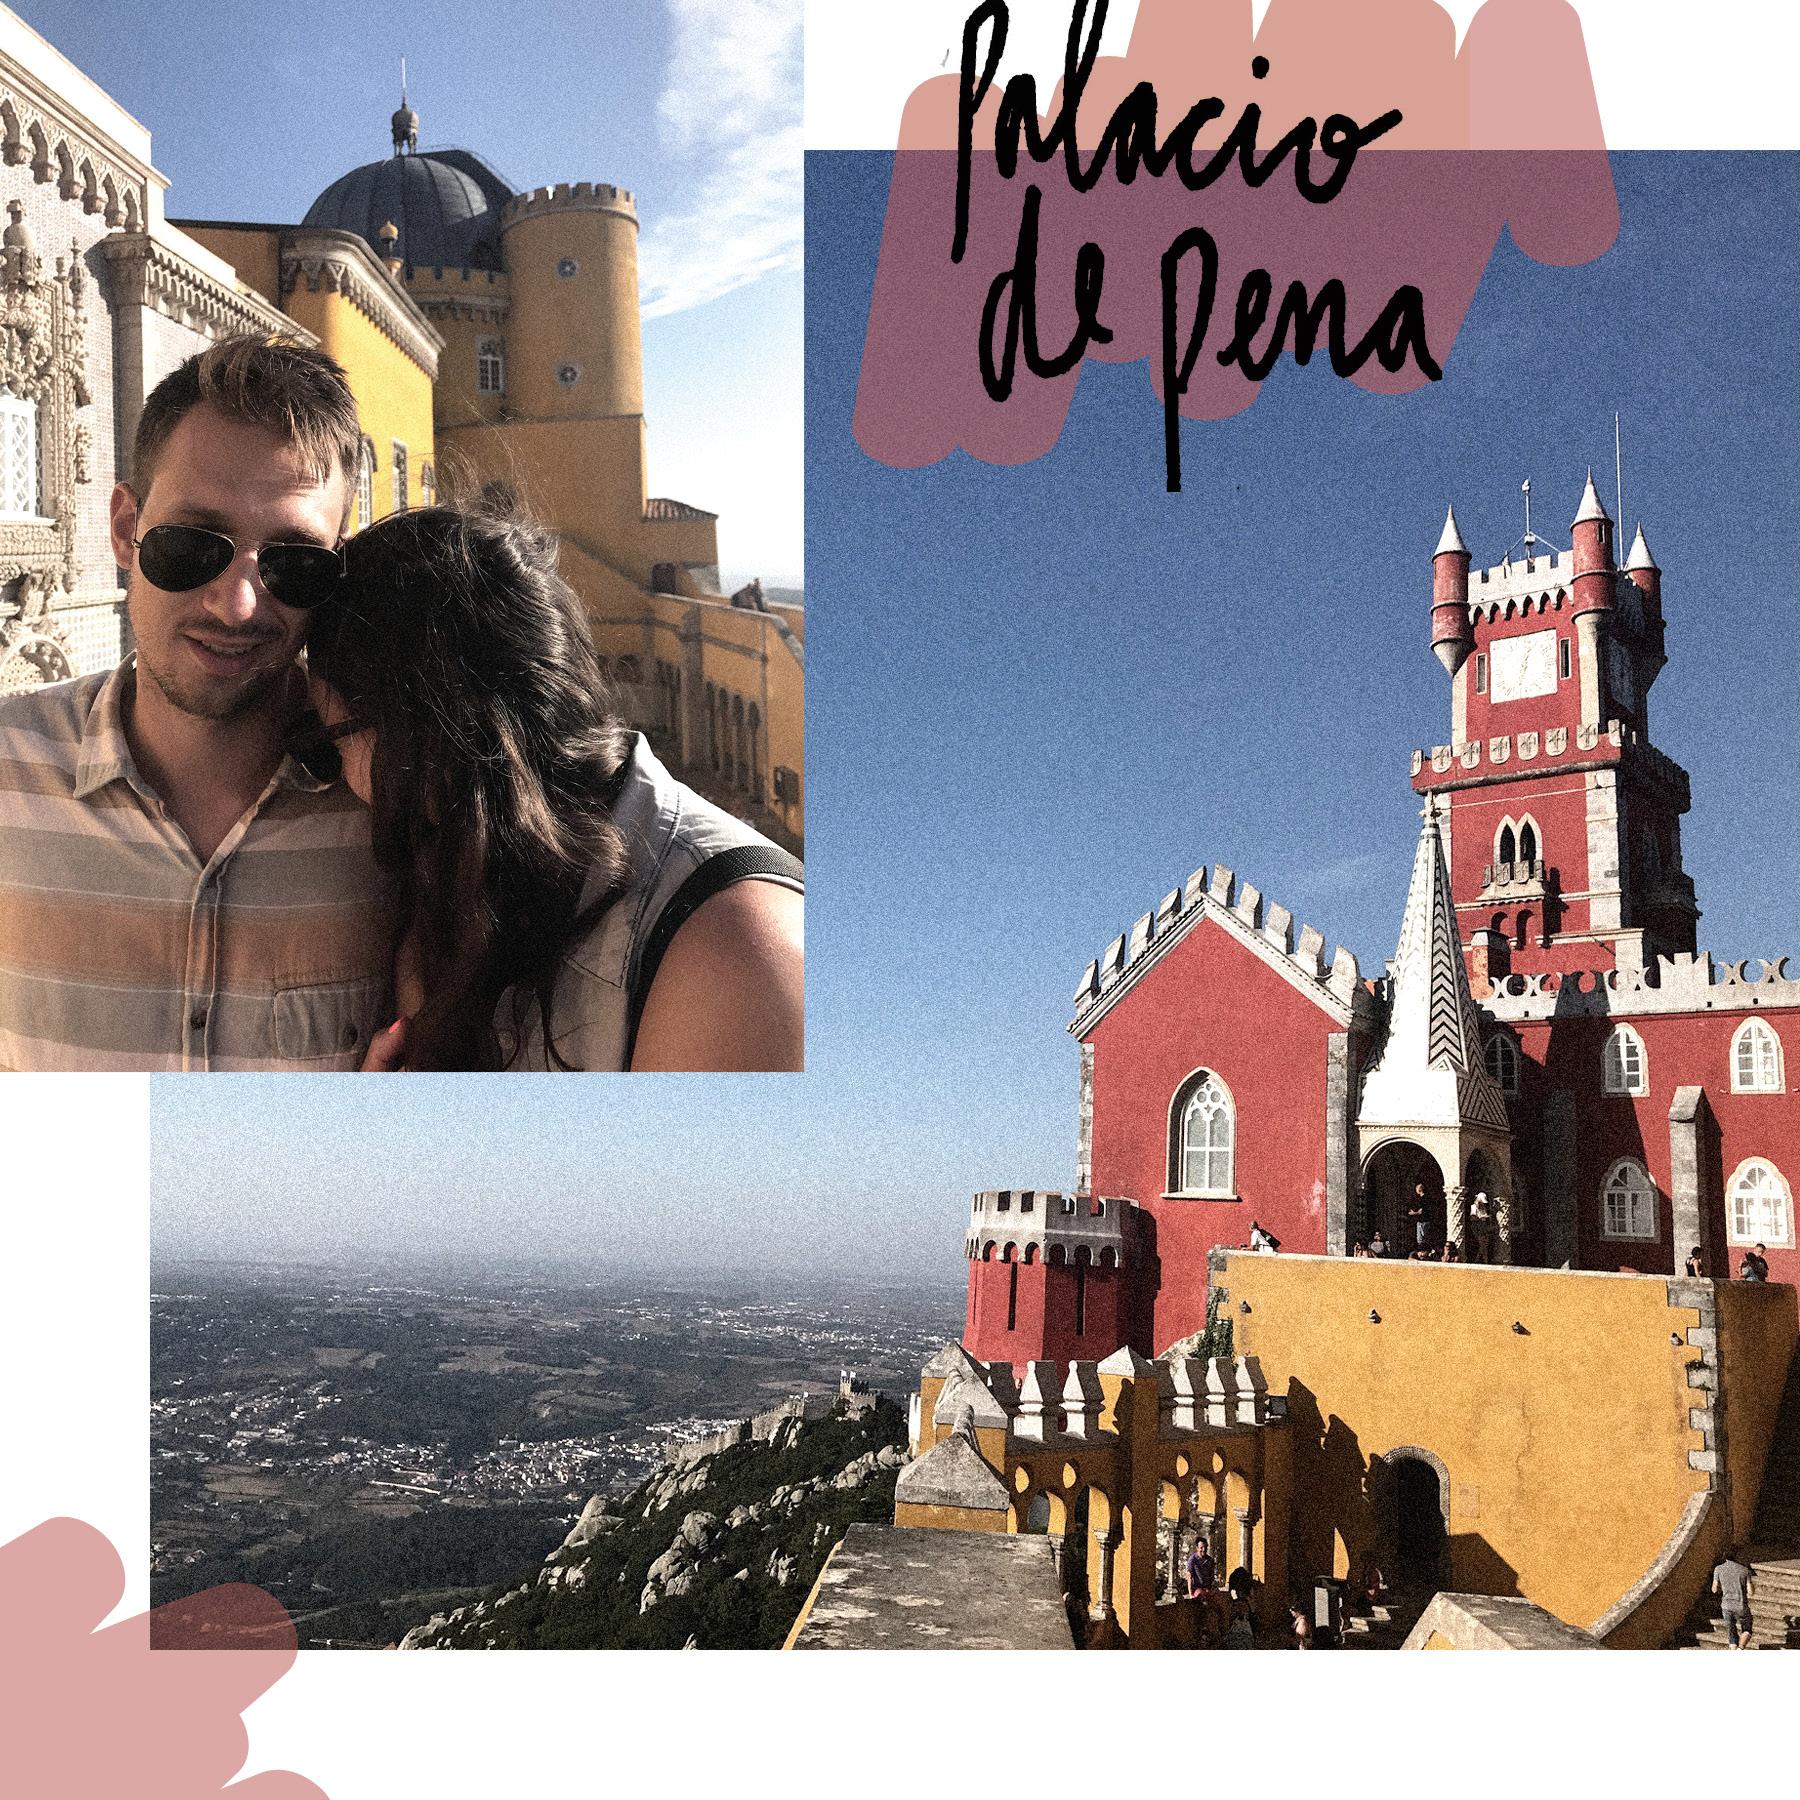 Portugal_Travel_Journal_20179.jpg